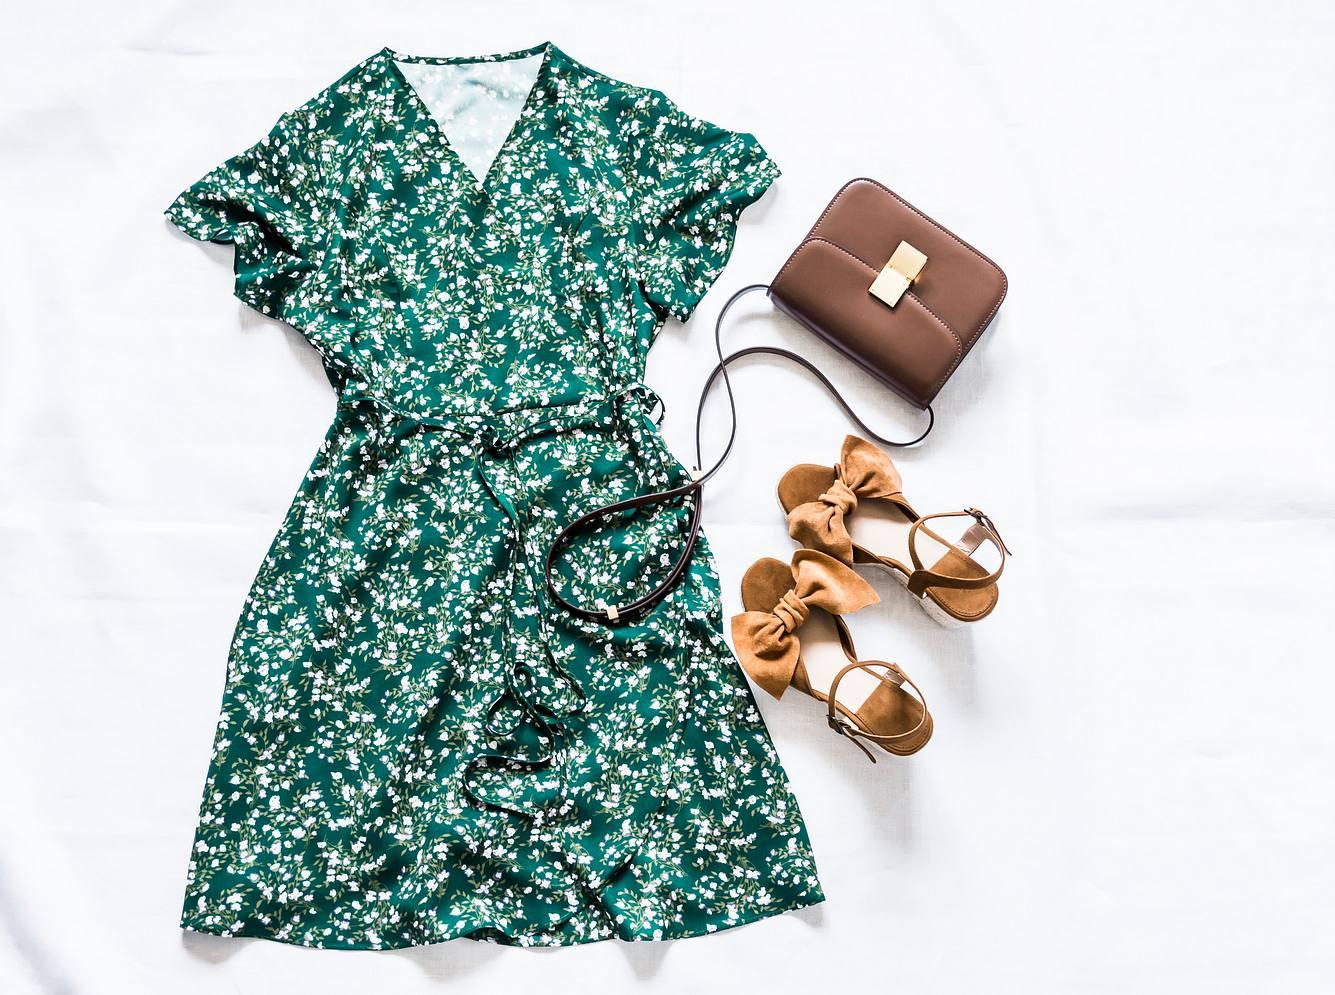 Frühlingskleid als Look gestylt